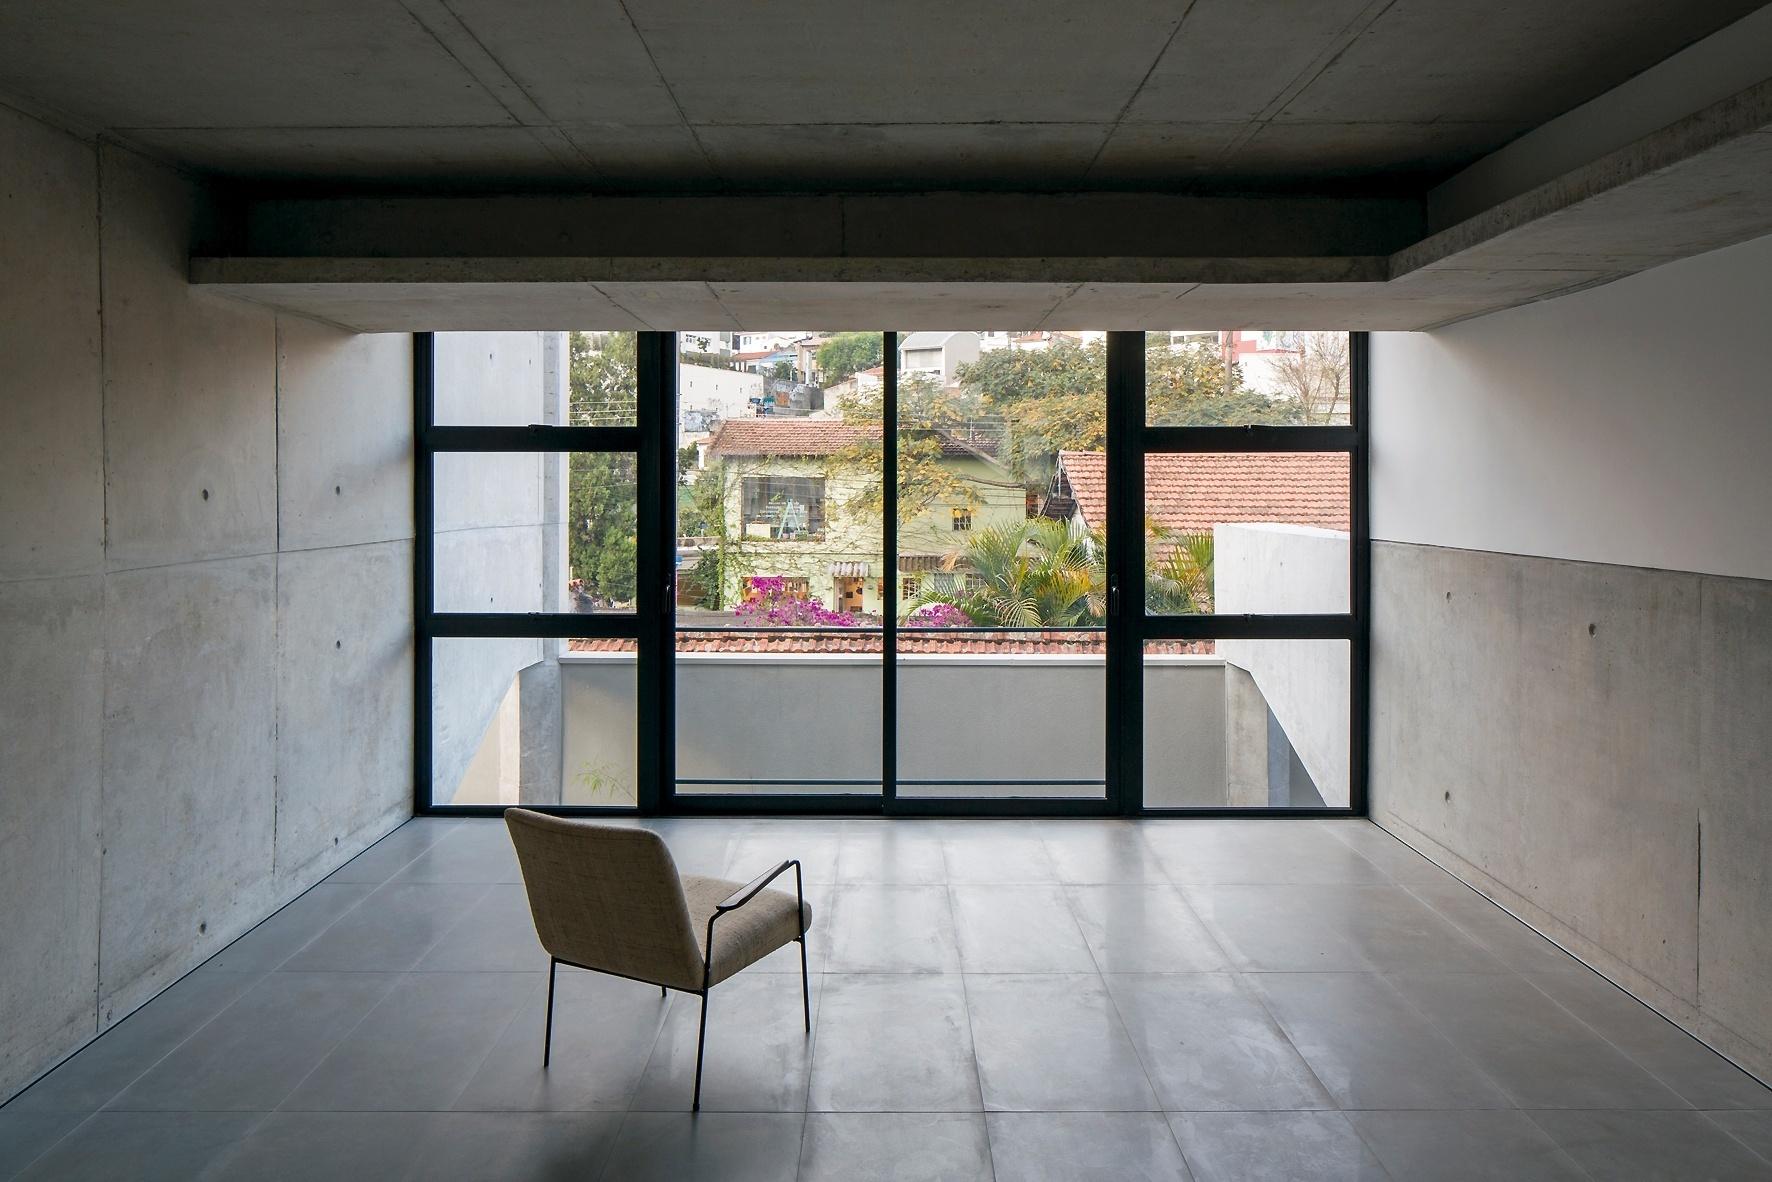 O espaço da sala de estar de uma das unidades do condomínio Vila Aspicuelta é totalmente voltado para o exterior, o que favorece a ventilação e a iluminação naturais, além de oferecer vistas para o entorno da Vila Madalena, em São Paulo. Na estrutura, destaque para as vigas invertidas de transição (externas) que repousam sobre pilares embutidos no muro. O projeto é do escritório Tacoa Arquitetos